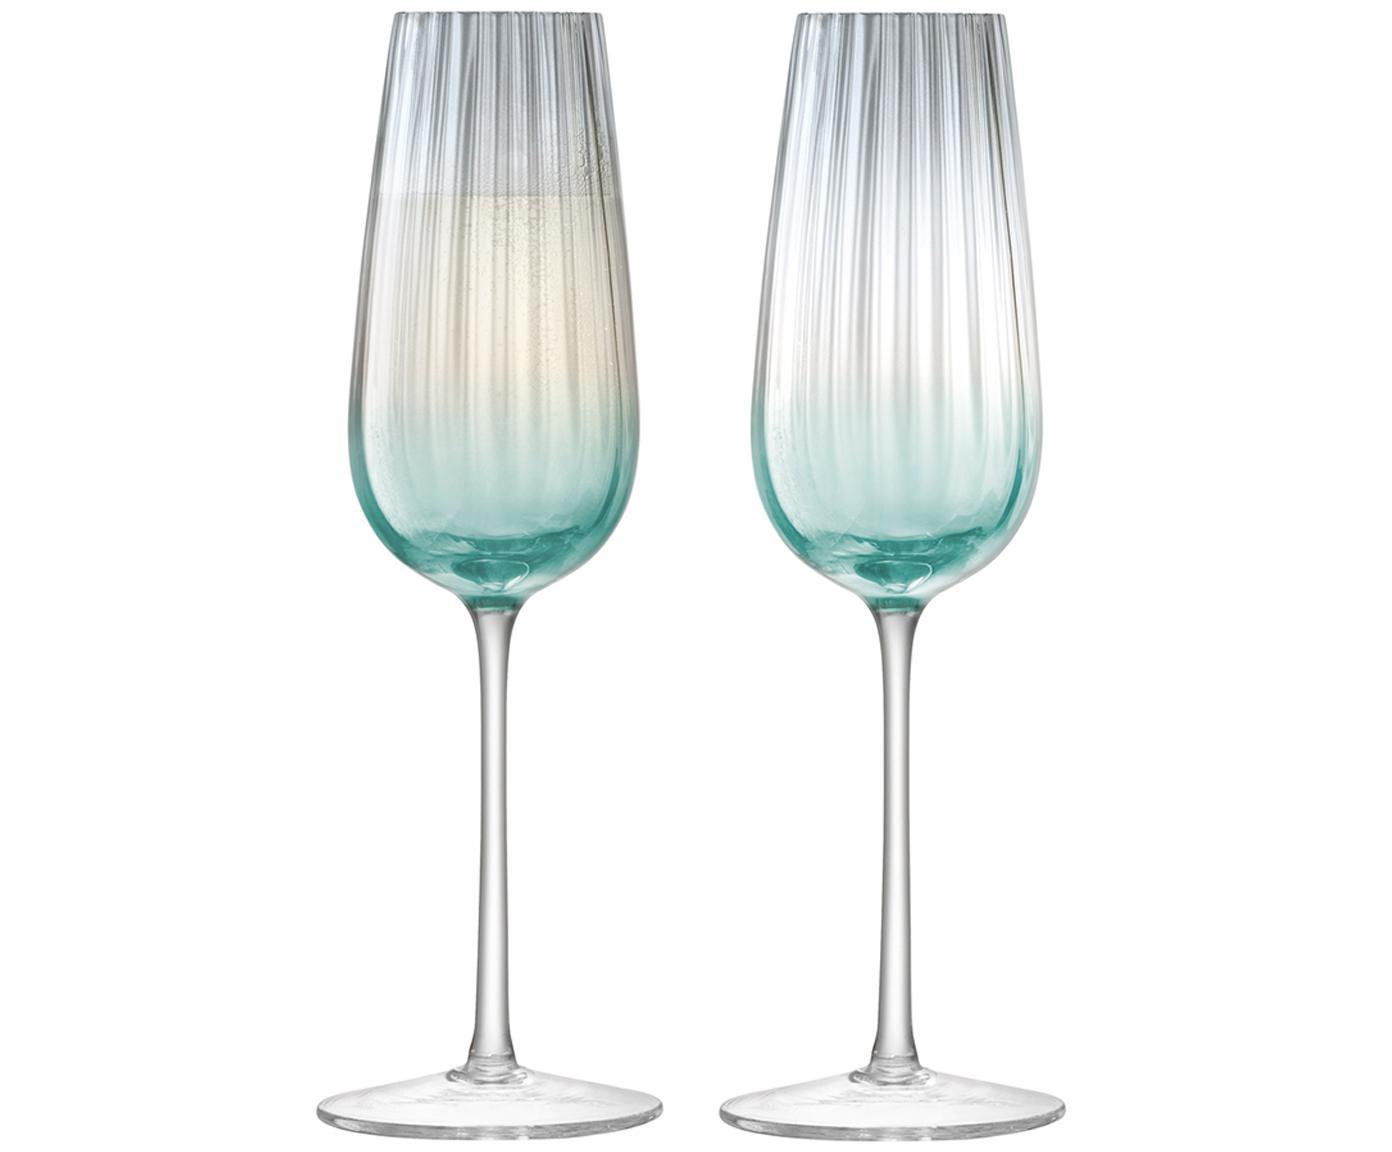 Handgefertigte Sektgläser Dusk mit Farbverlauf, 2er-Set, Glas, Grün, Grau, Ø 6 x H 23 cm